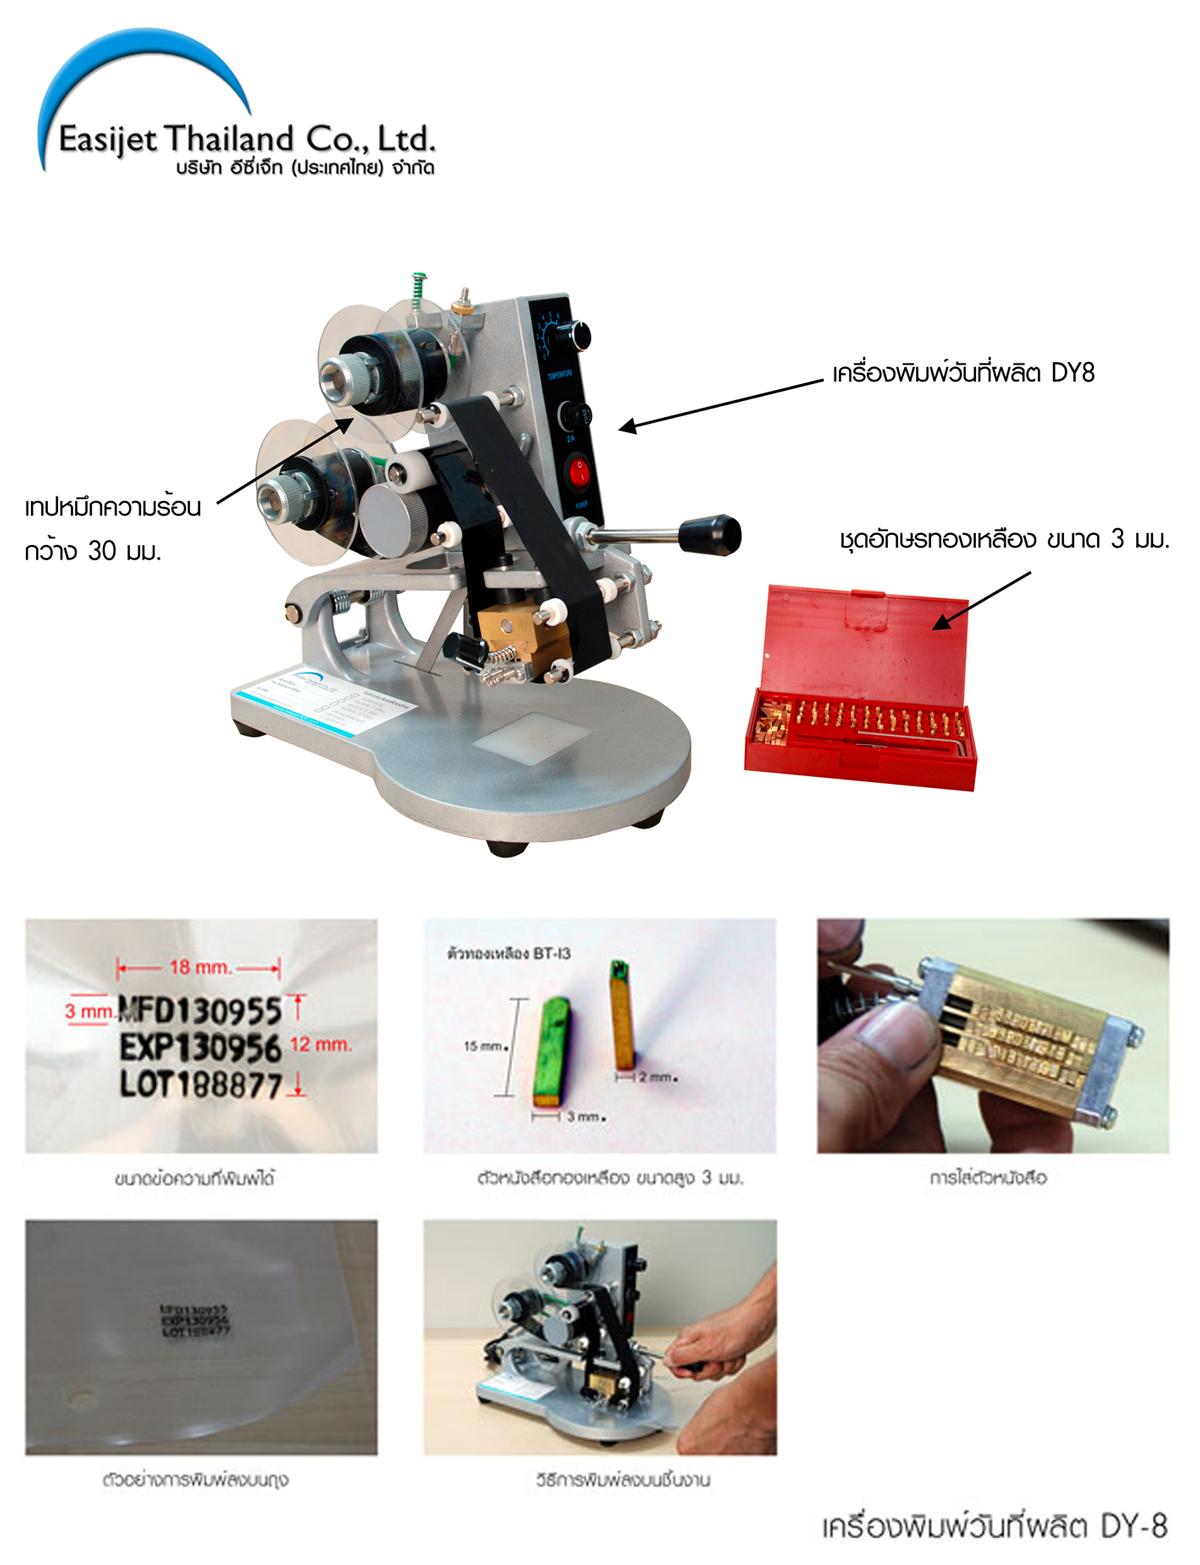 เครื่องพิมพ์วันที่ผลิตแบบมือกด DY-8 เครื่องพิมพ์ราคาประหยัด ให้ข้อความคมชัด เหมาะกับฉลาก ซอง และฟิลม์หด